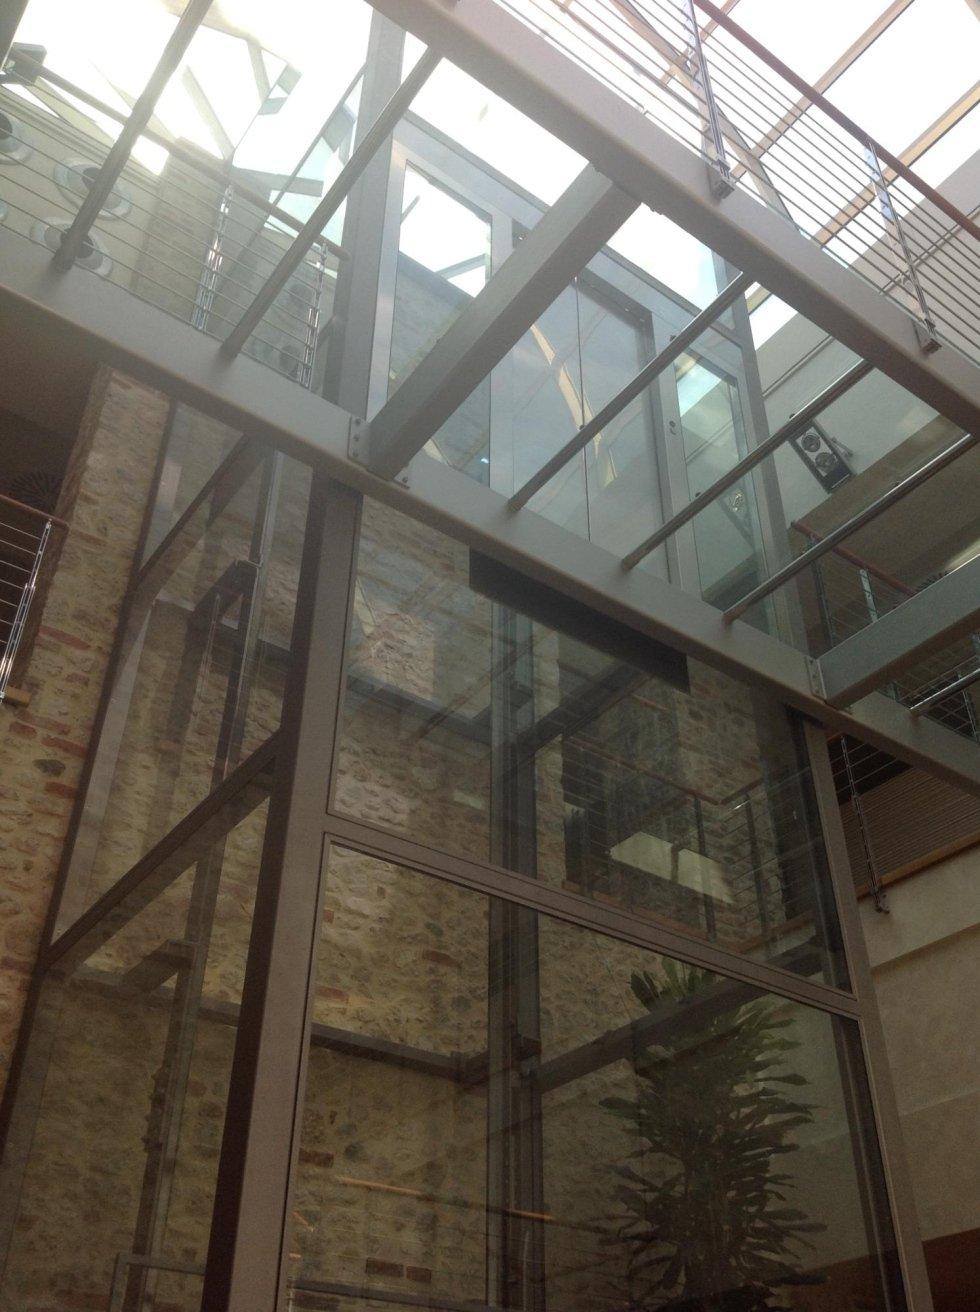 incastellatura di metallo e vetro all'interno di edificio con pareti in mattoni